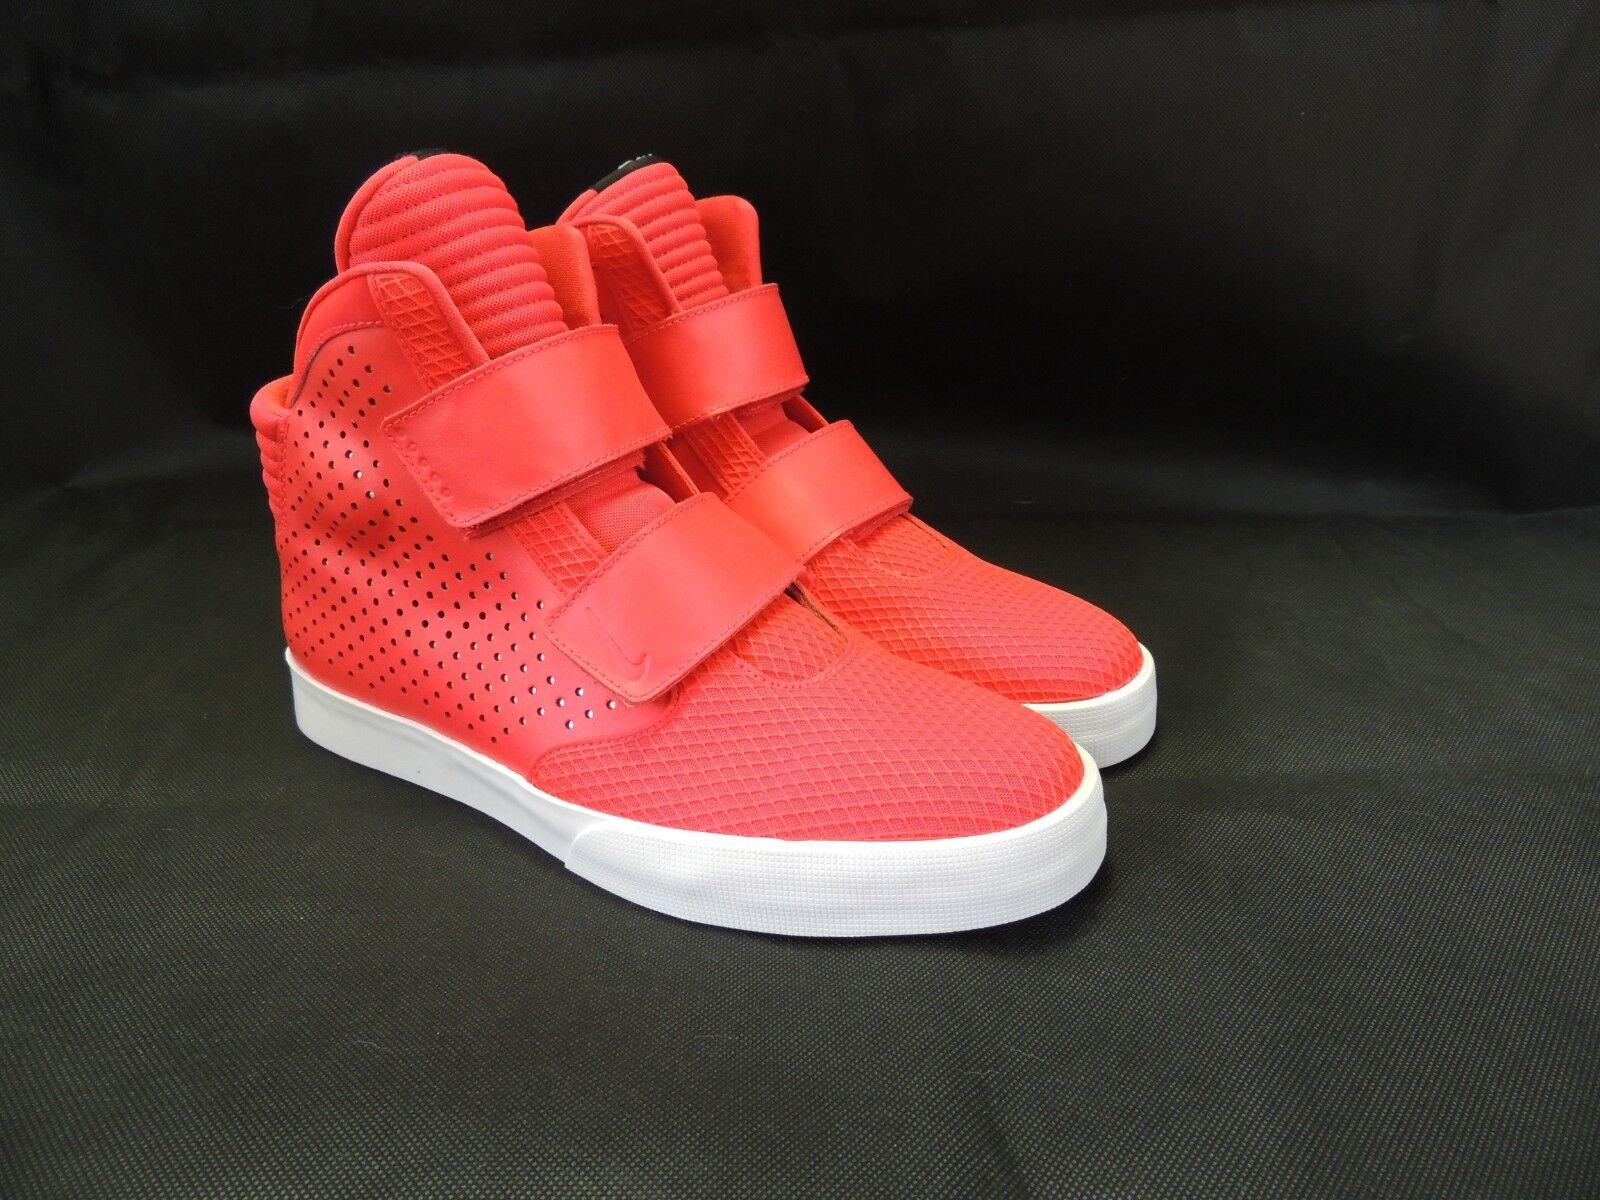 wholesale dealer 78e47 195e1 Nike Flystepper 2K3 2K3 2K3 PRM Premium Yeezy Action Red White 677473-602  Sze 9.5